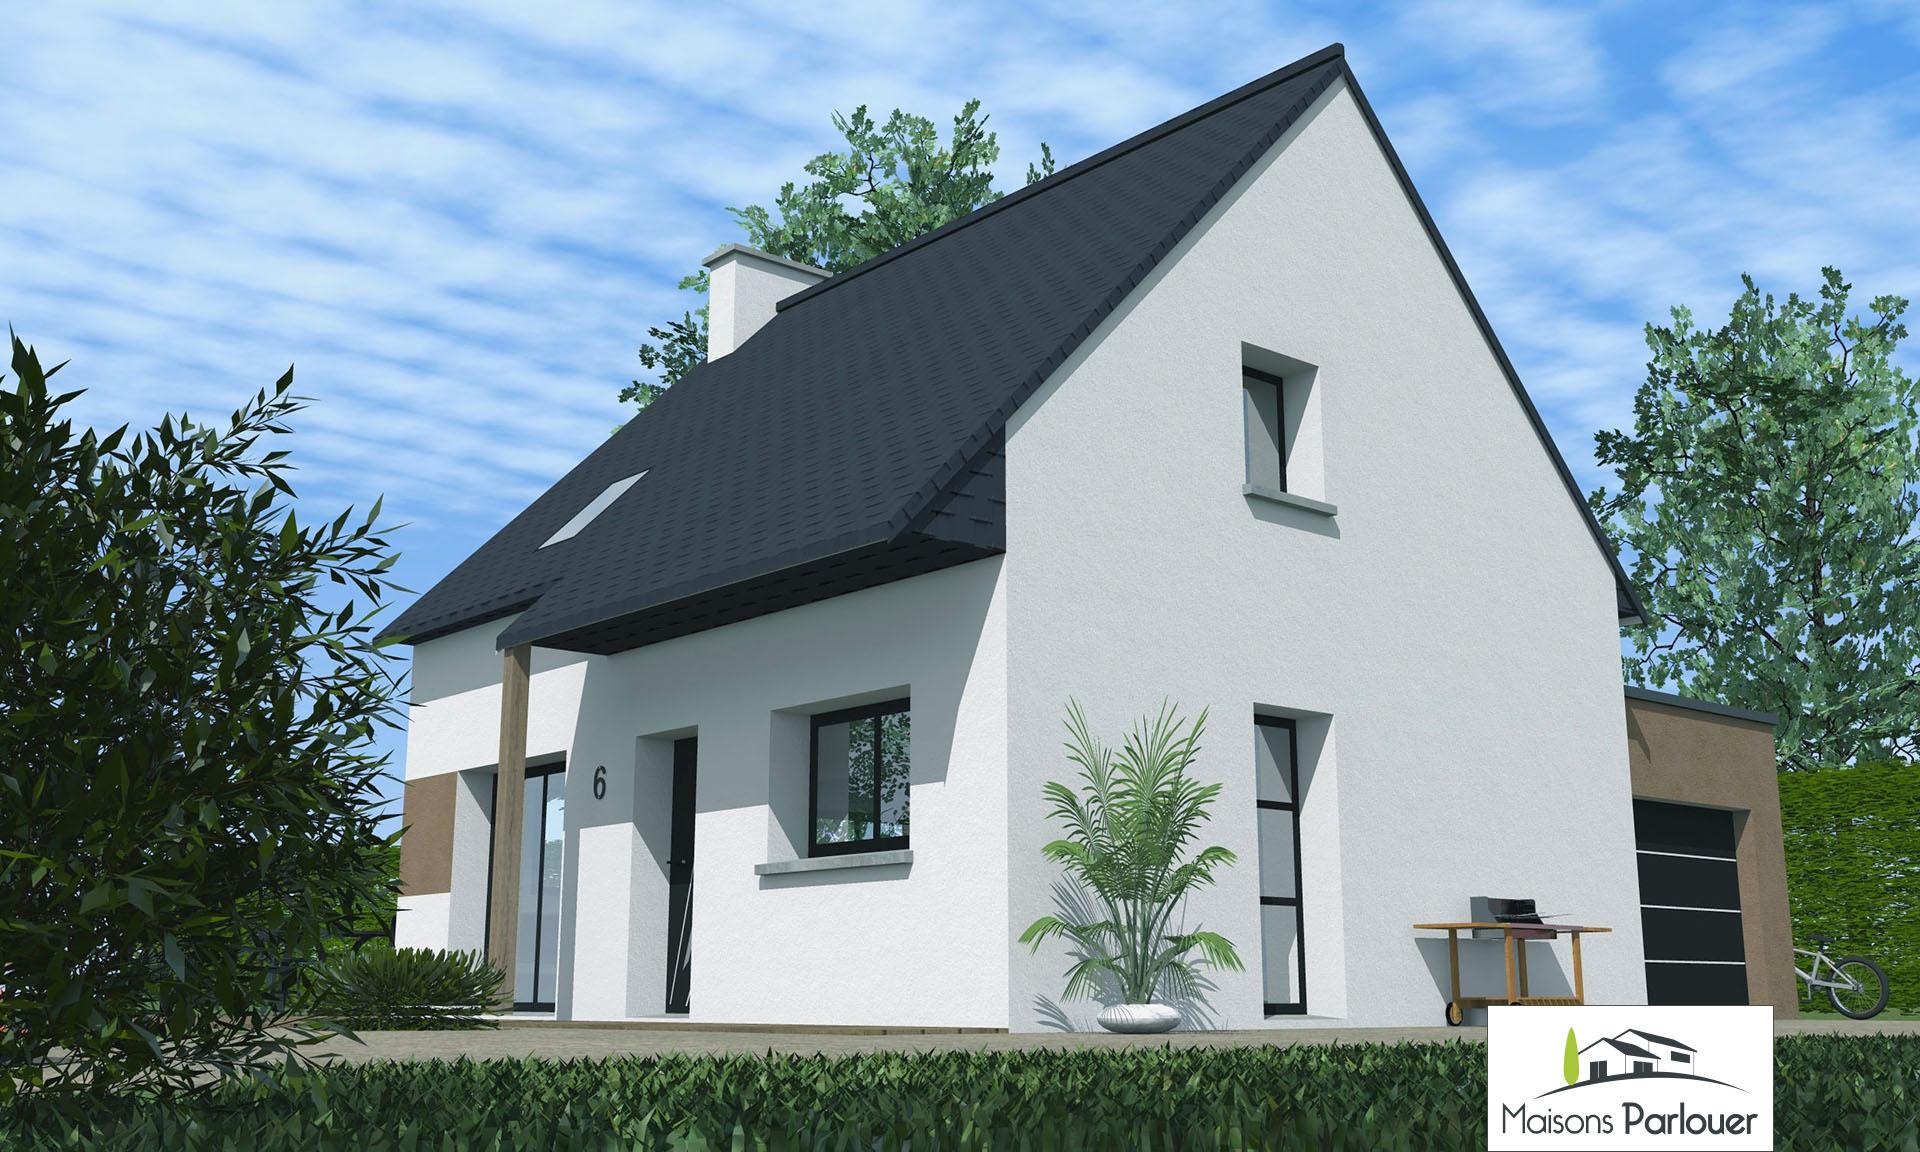 Projets d 39 une superficie inf rieure 100m2 non cat goris for Maison traditionnelle 100m2